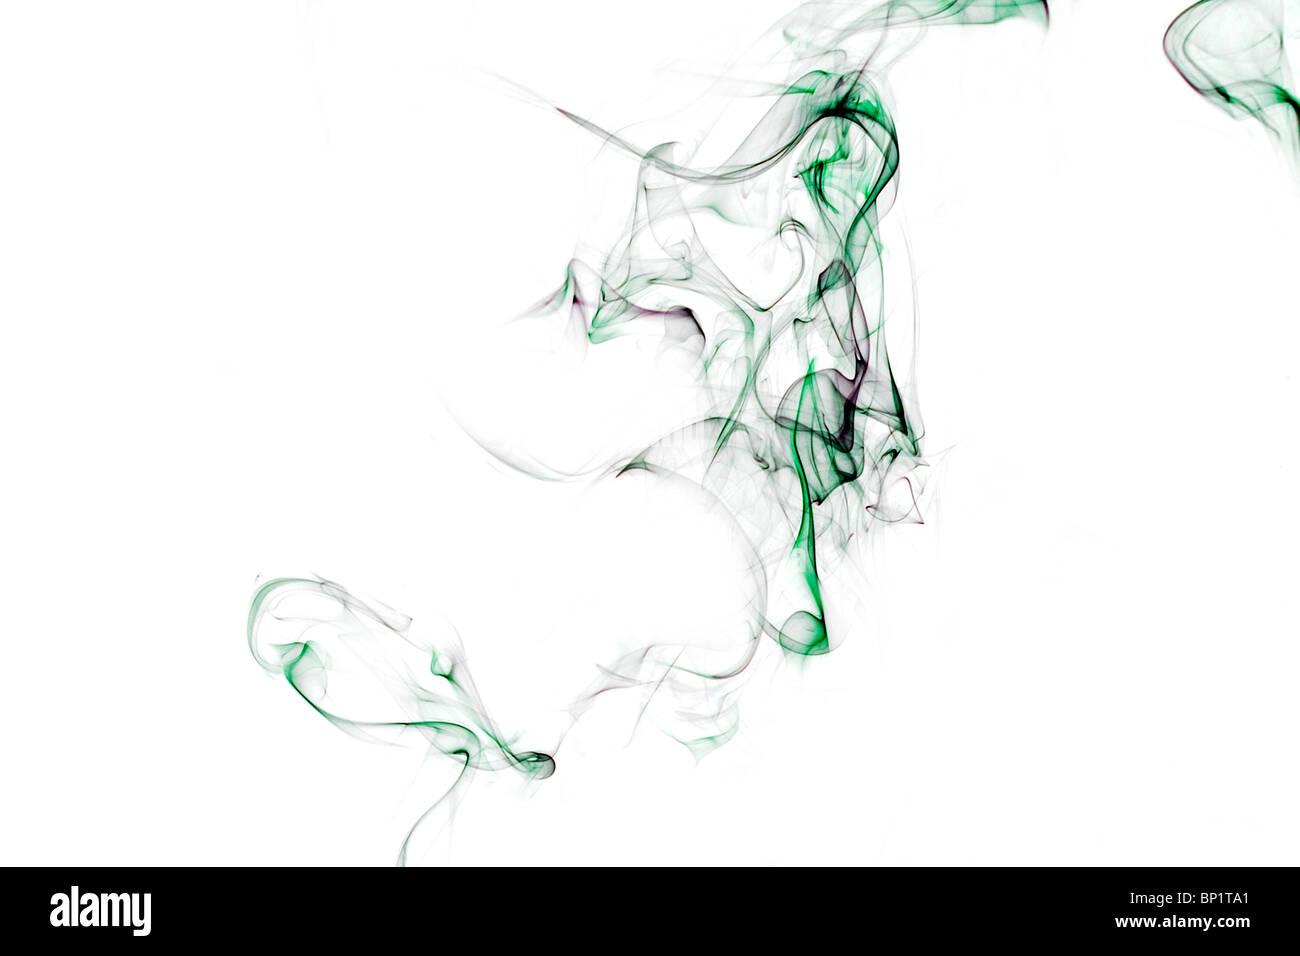 smoke, art, photography, abstract, image, swirls, pattern, shell, waves - Stock Image